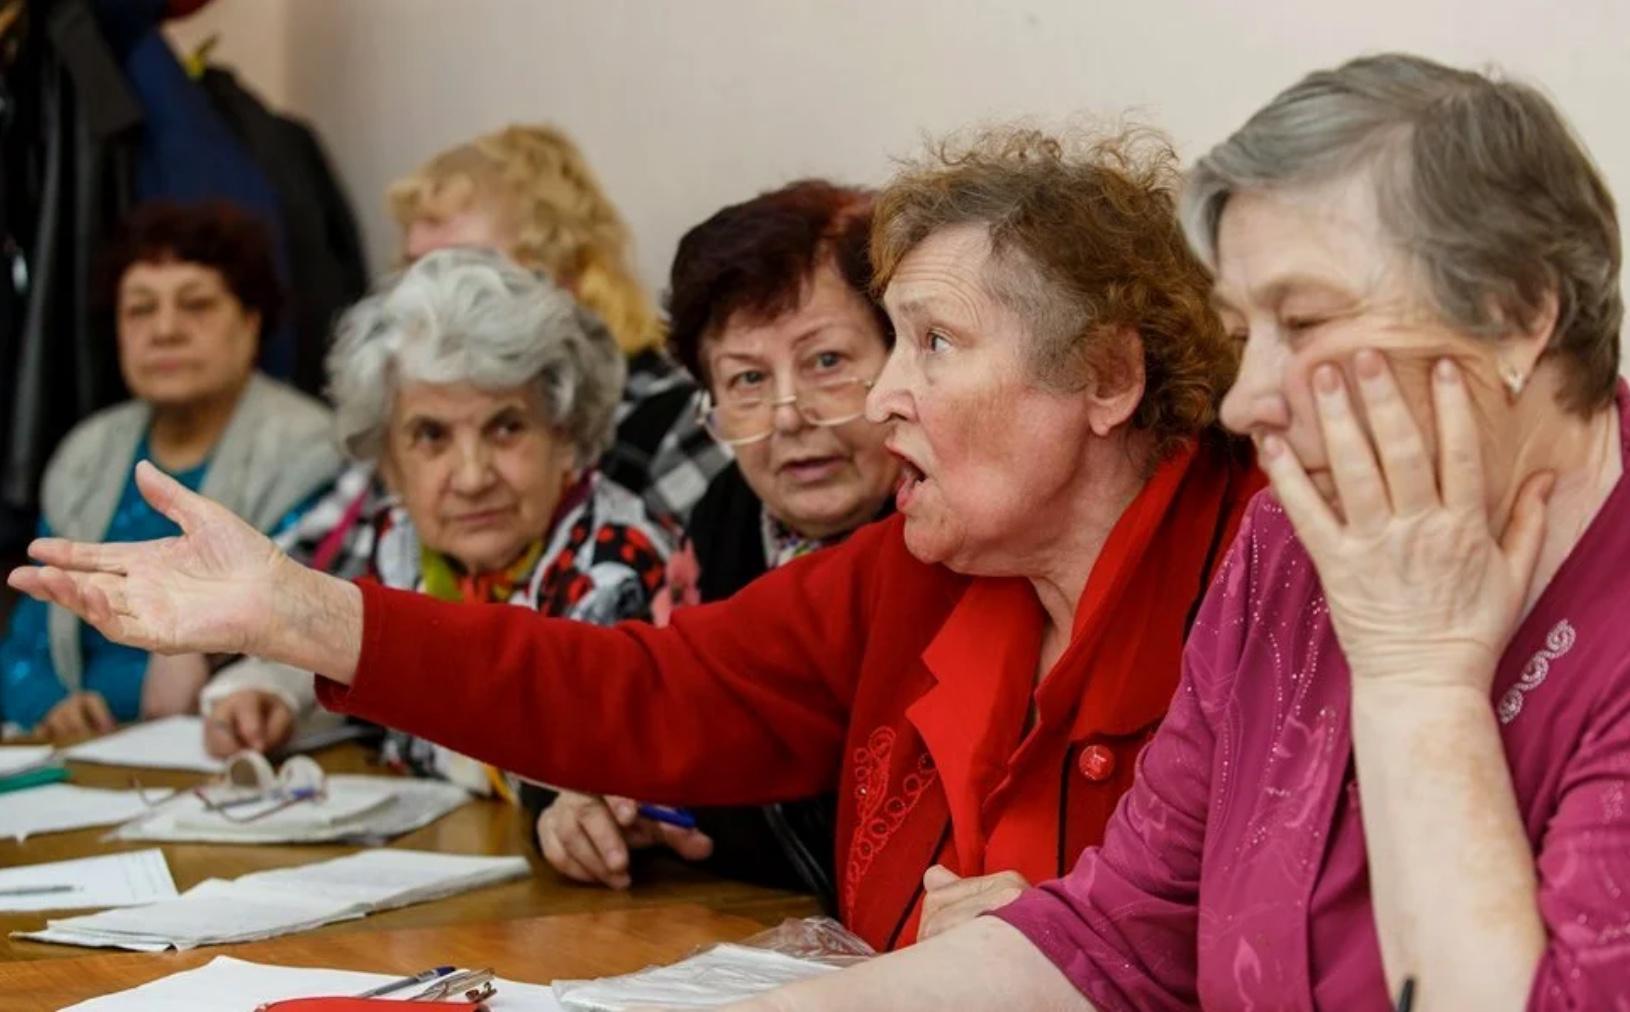 Соцзащита вводит новую бесплатную услугу для пенсионеров по ЖКХ